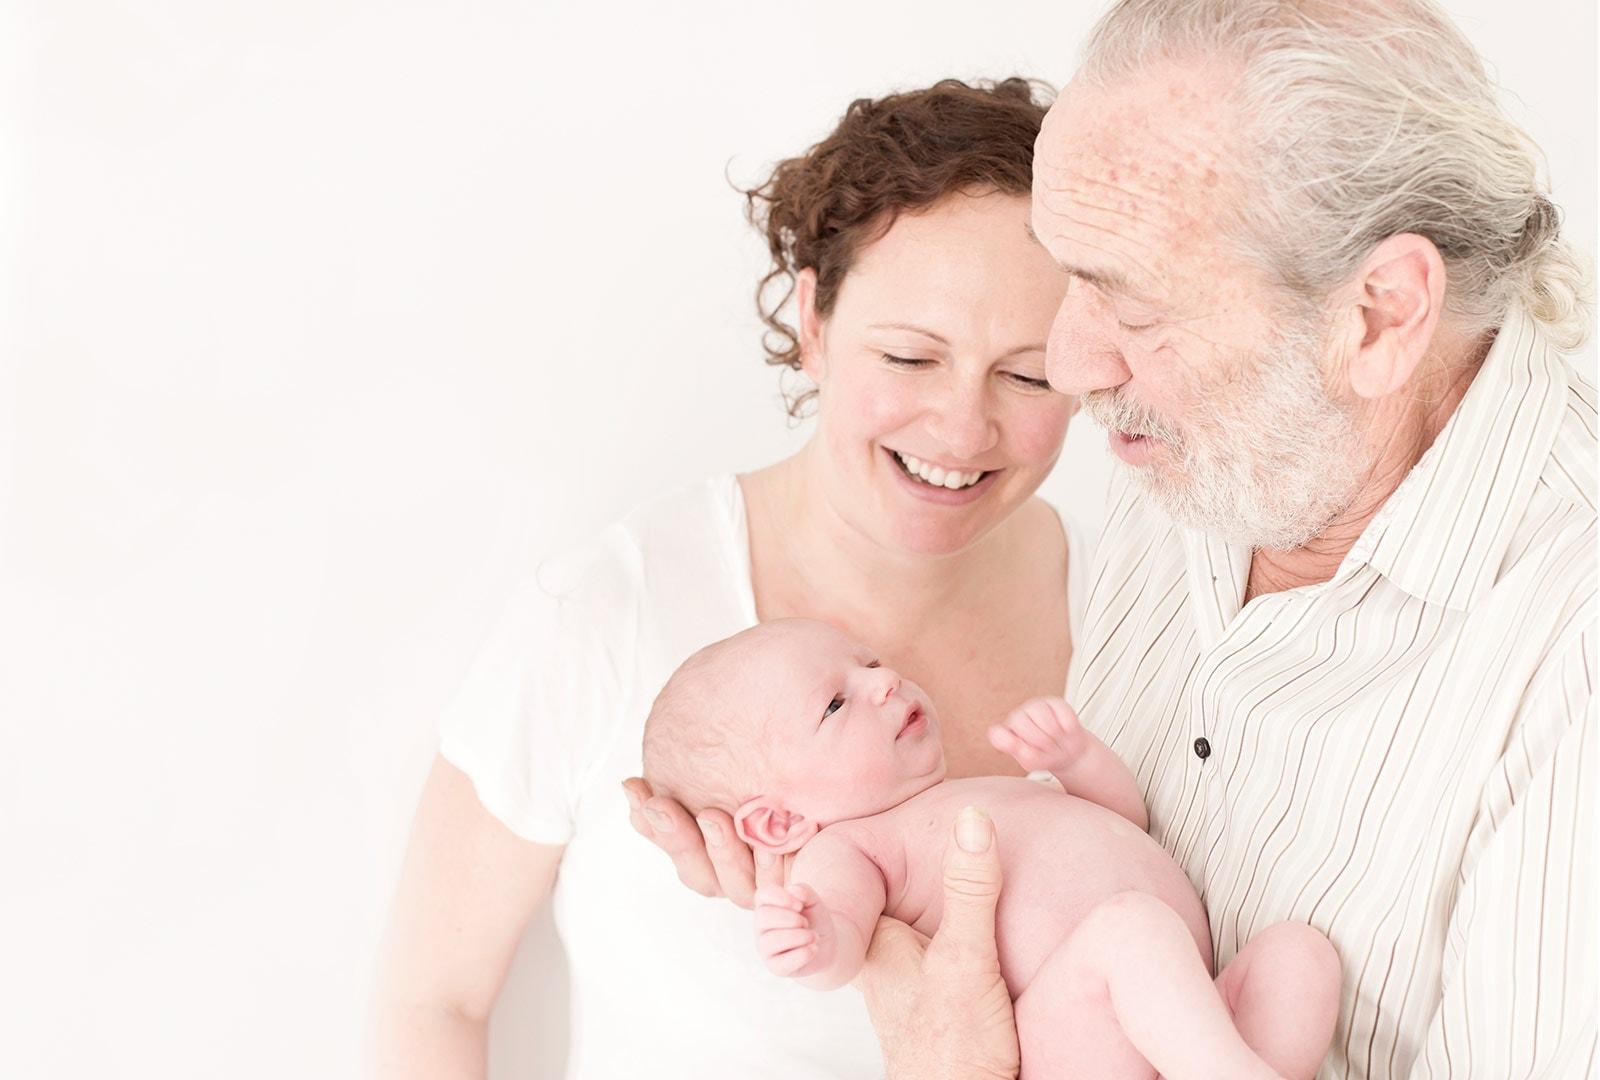 Portrait photography - new born - Etta Images, Juliette Capaldi